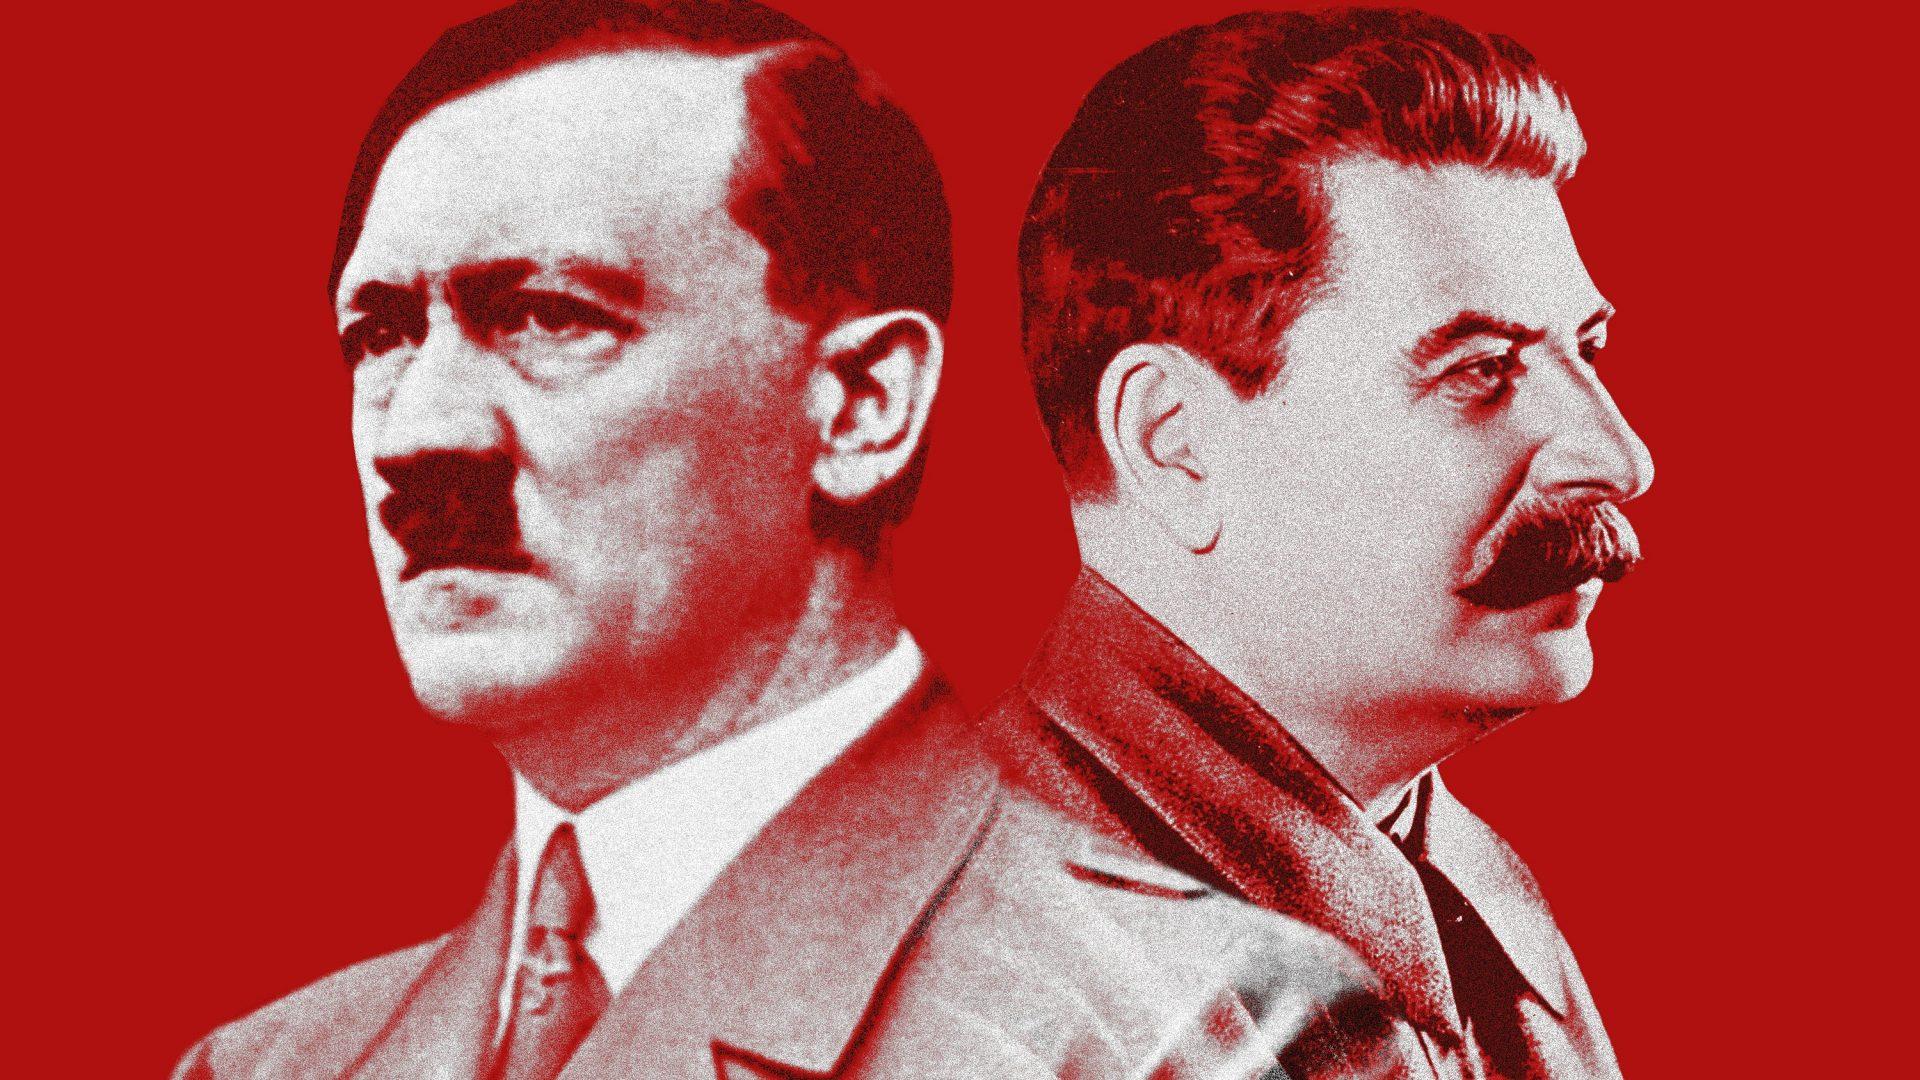 """Stalin și Hitler cântă împreună """"Video Killed the Radio Star"""" într-un deepfake ajuns viral"""